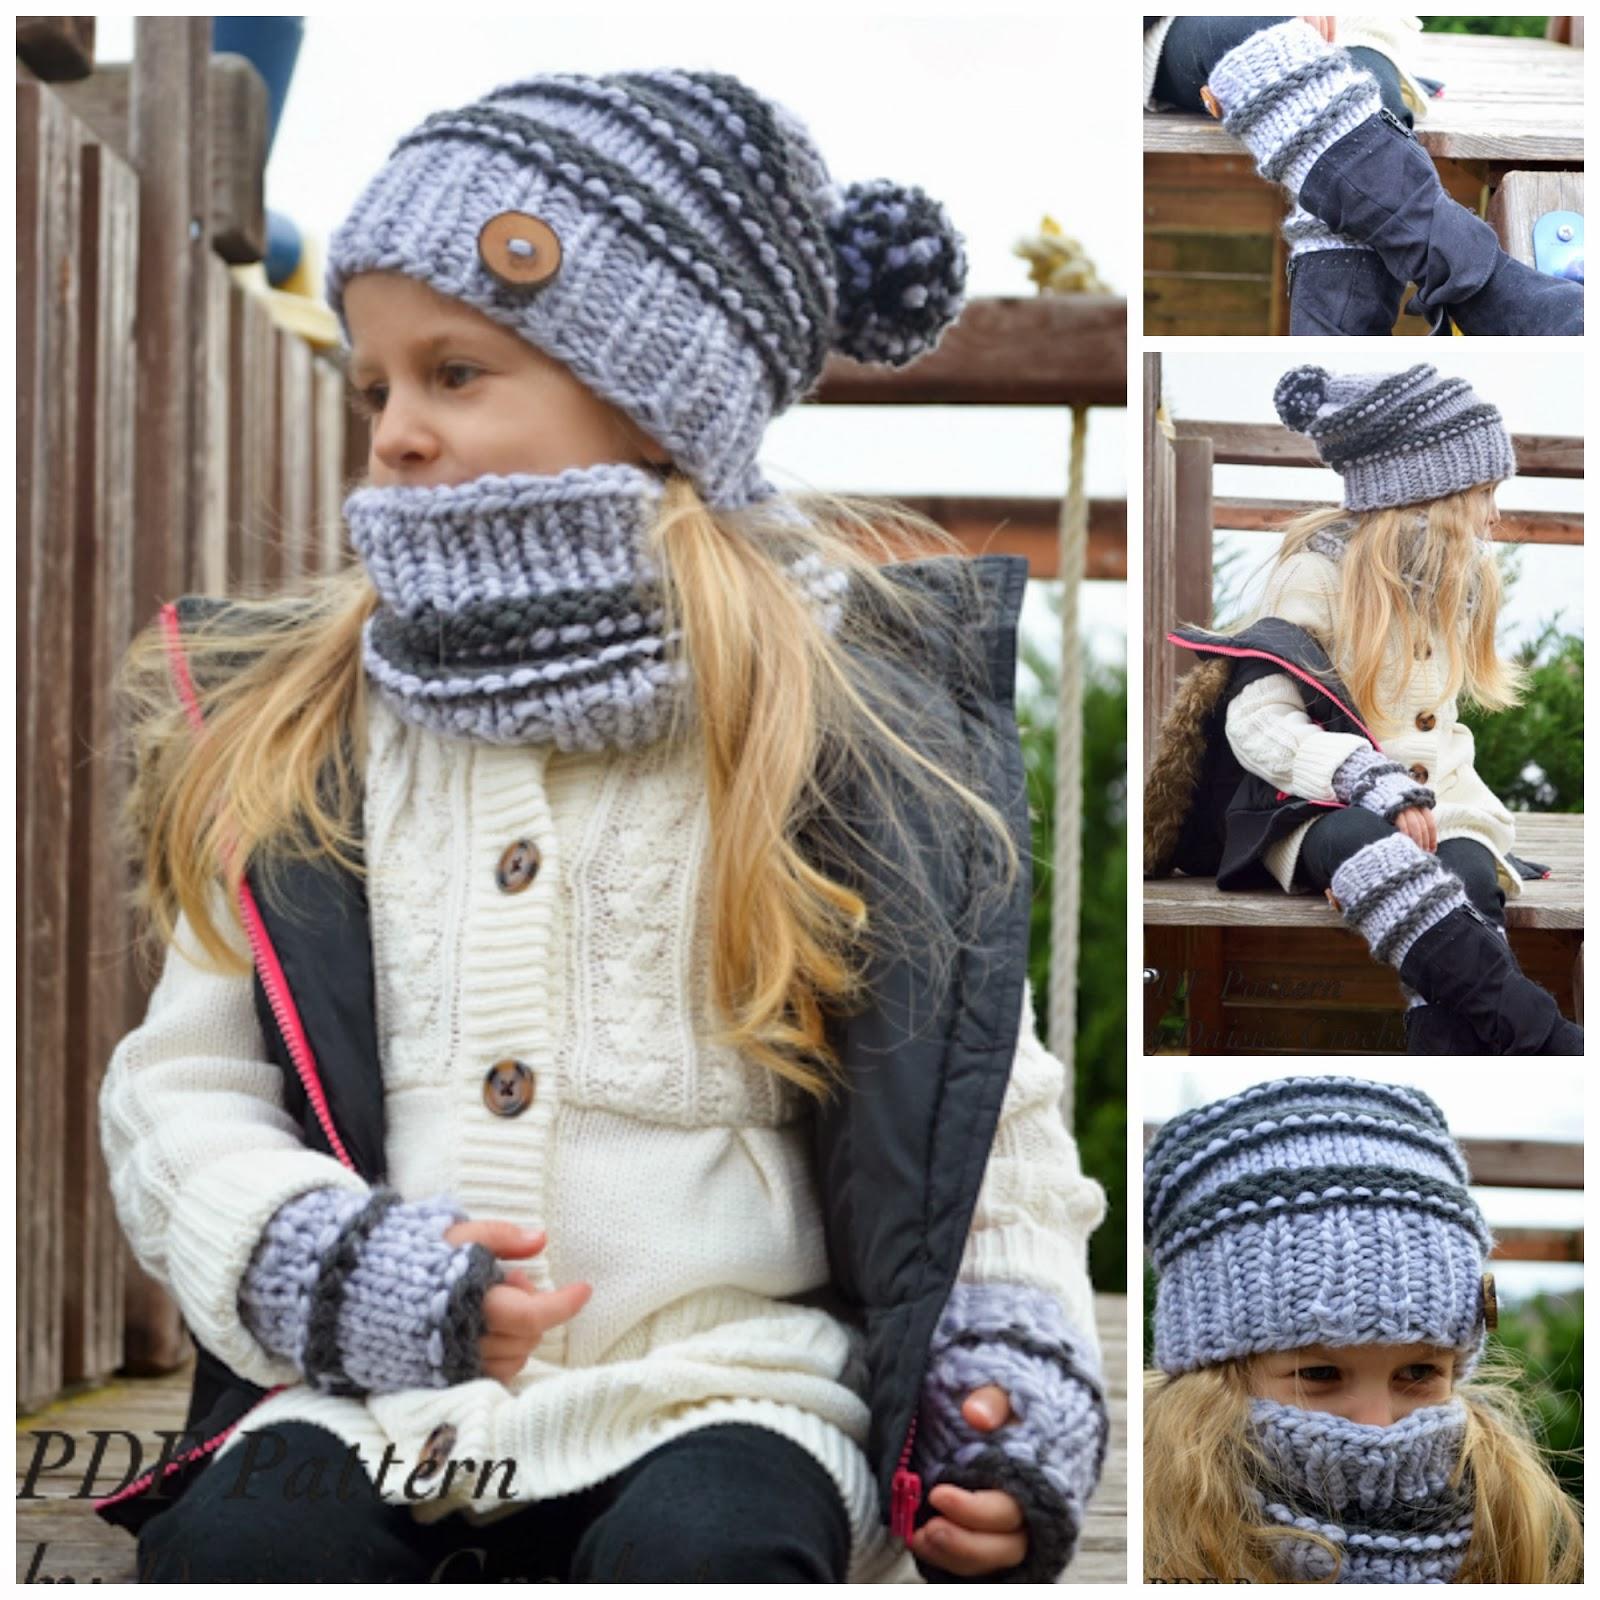 Daisies Crochet Set Of Venice Clouchy Hat Cowl Fingerless Mittens